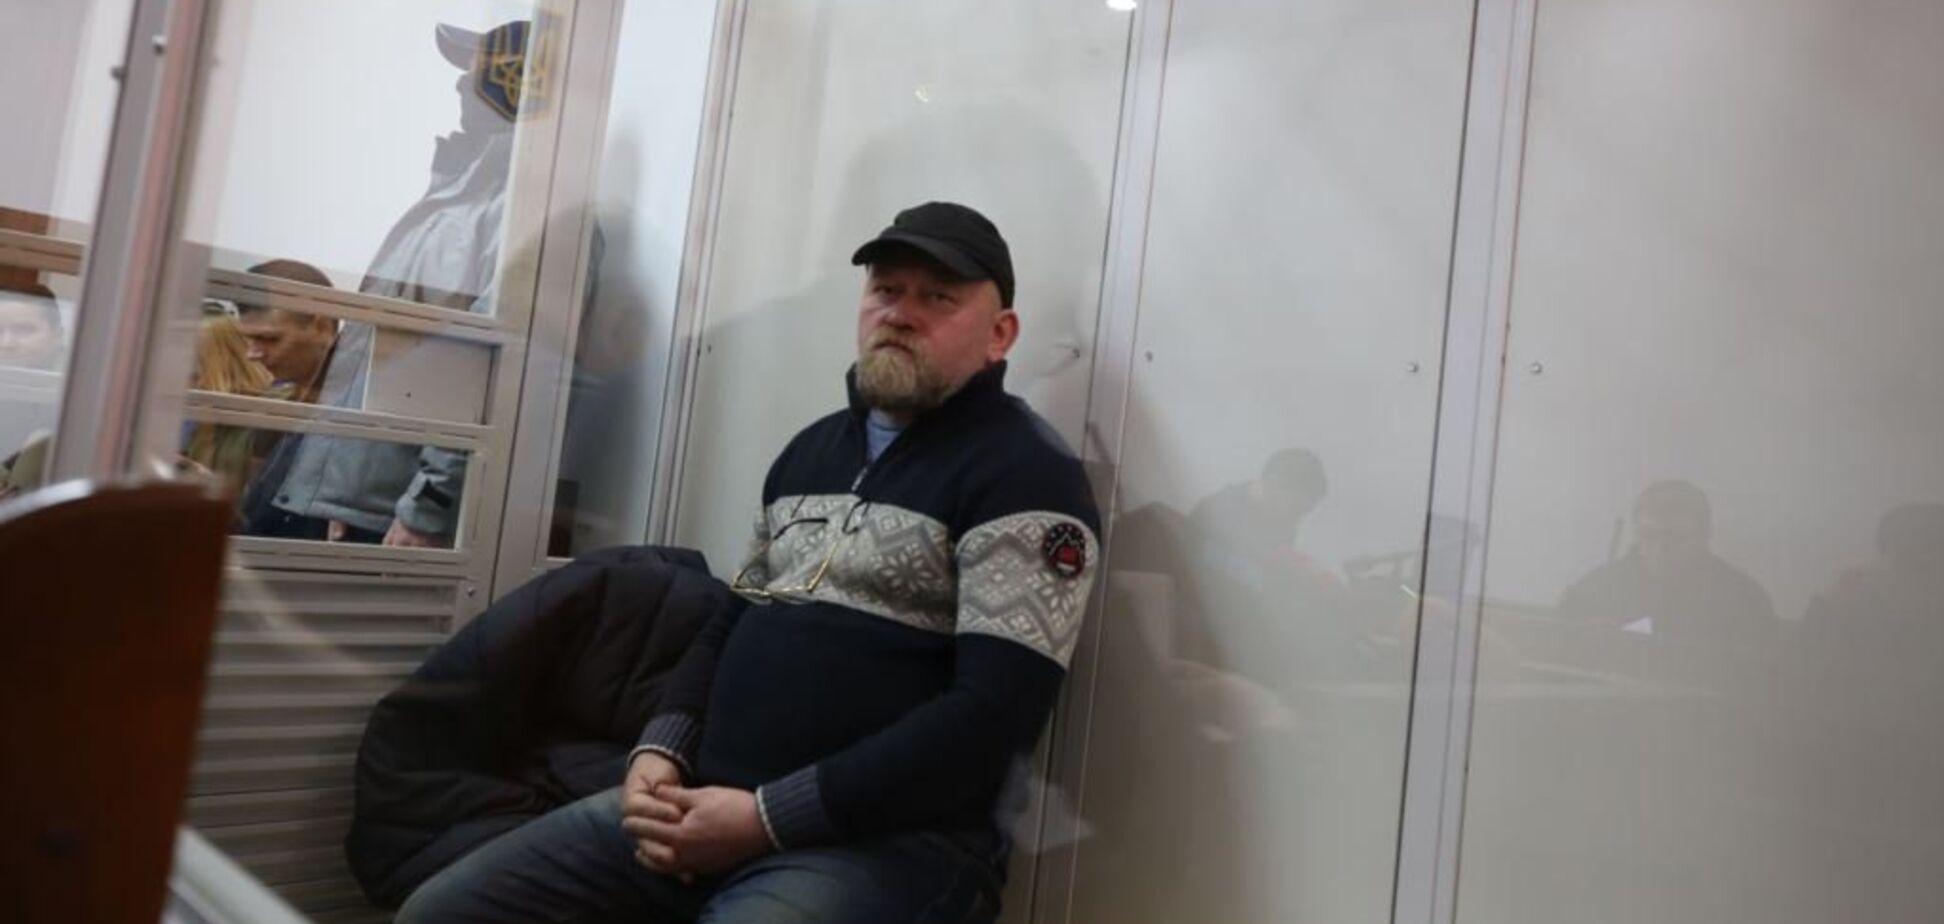 Арест Рубана: эксперт объяснил, зачем Кремлю новые теракты в Украине